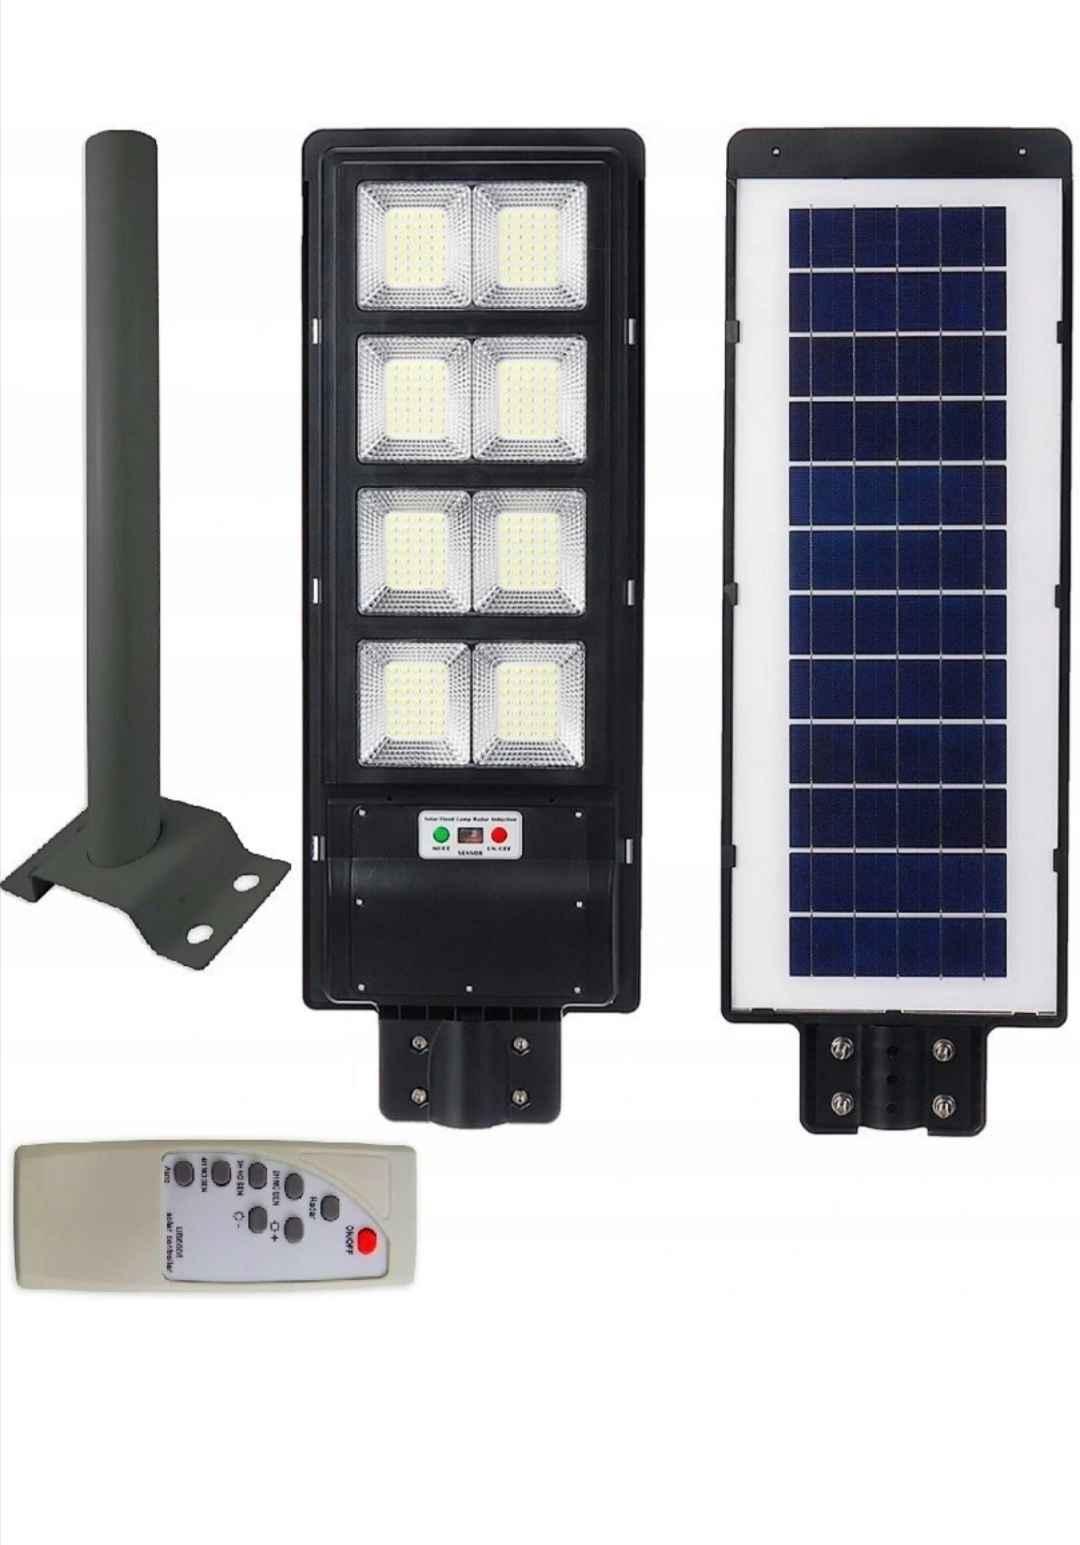 Lampy Solarne uliczne duze i male Konin - zdjęcie 2